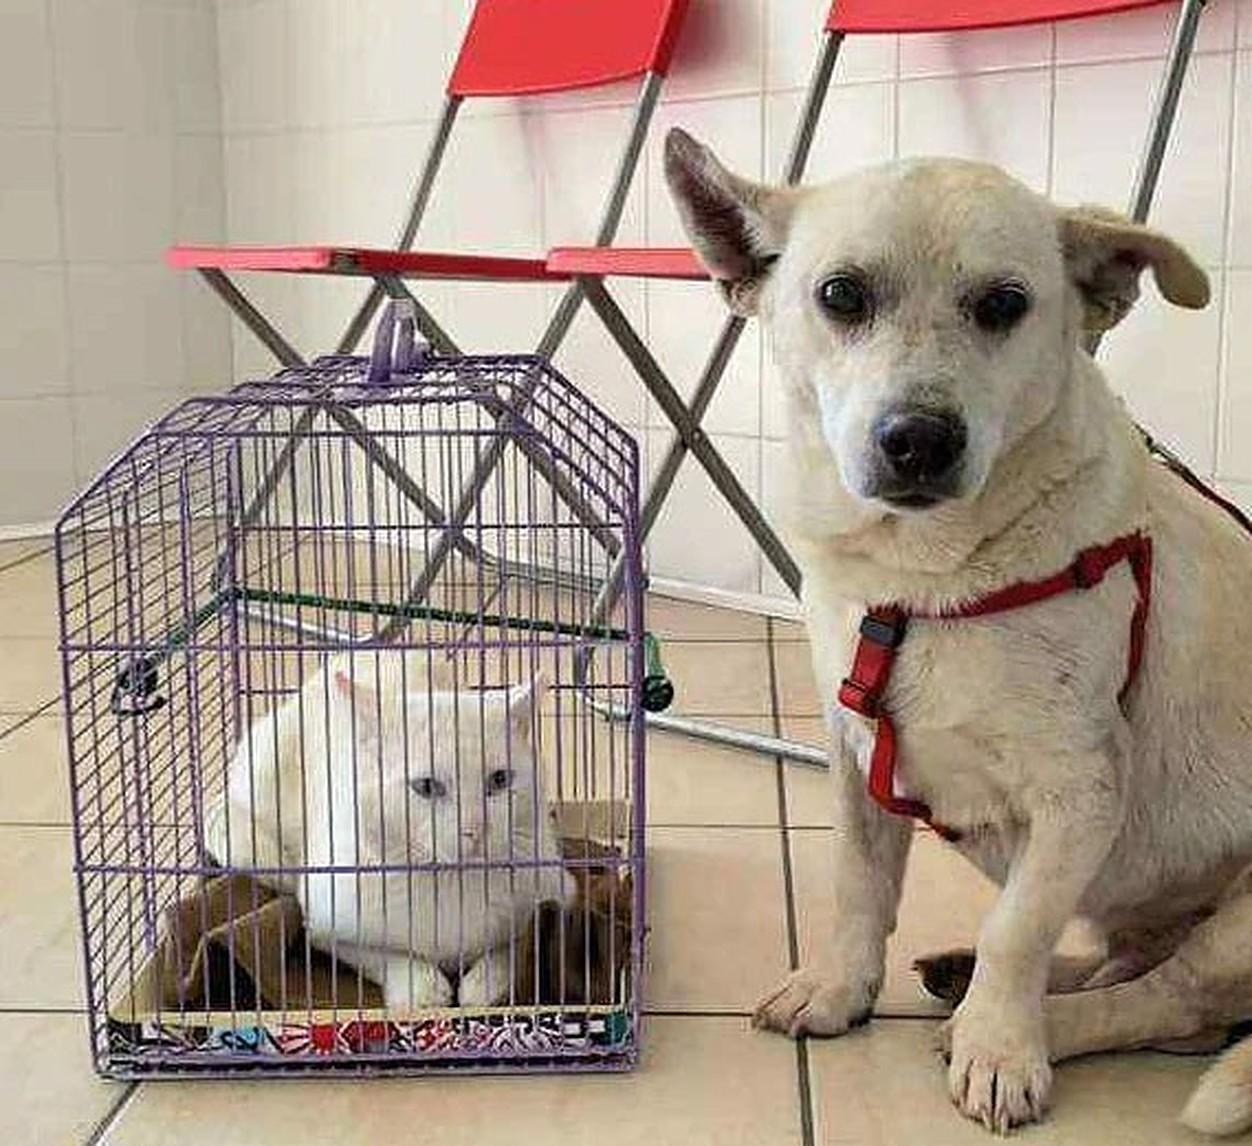 Abandonați împreună într-un parc, un cățel și o pisică au devenit cei mai buni prieteni!